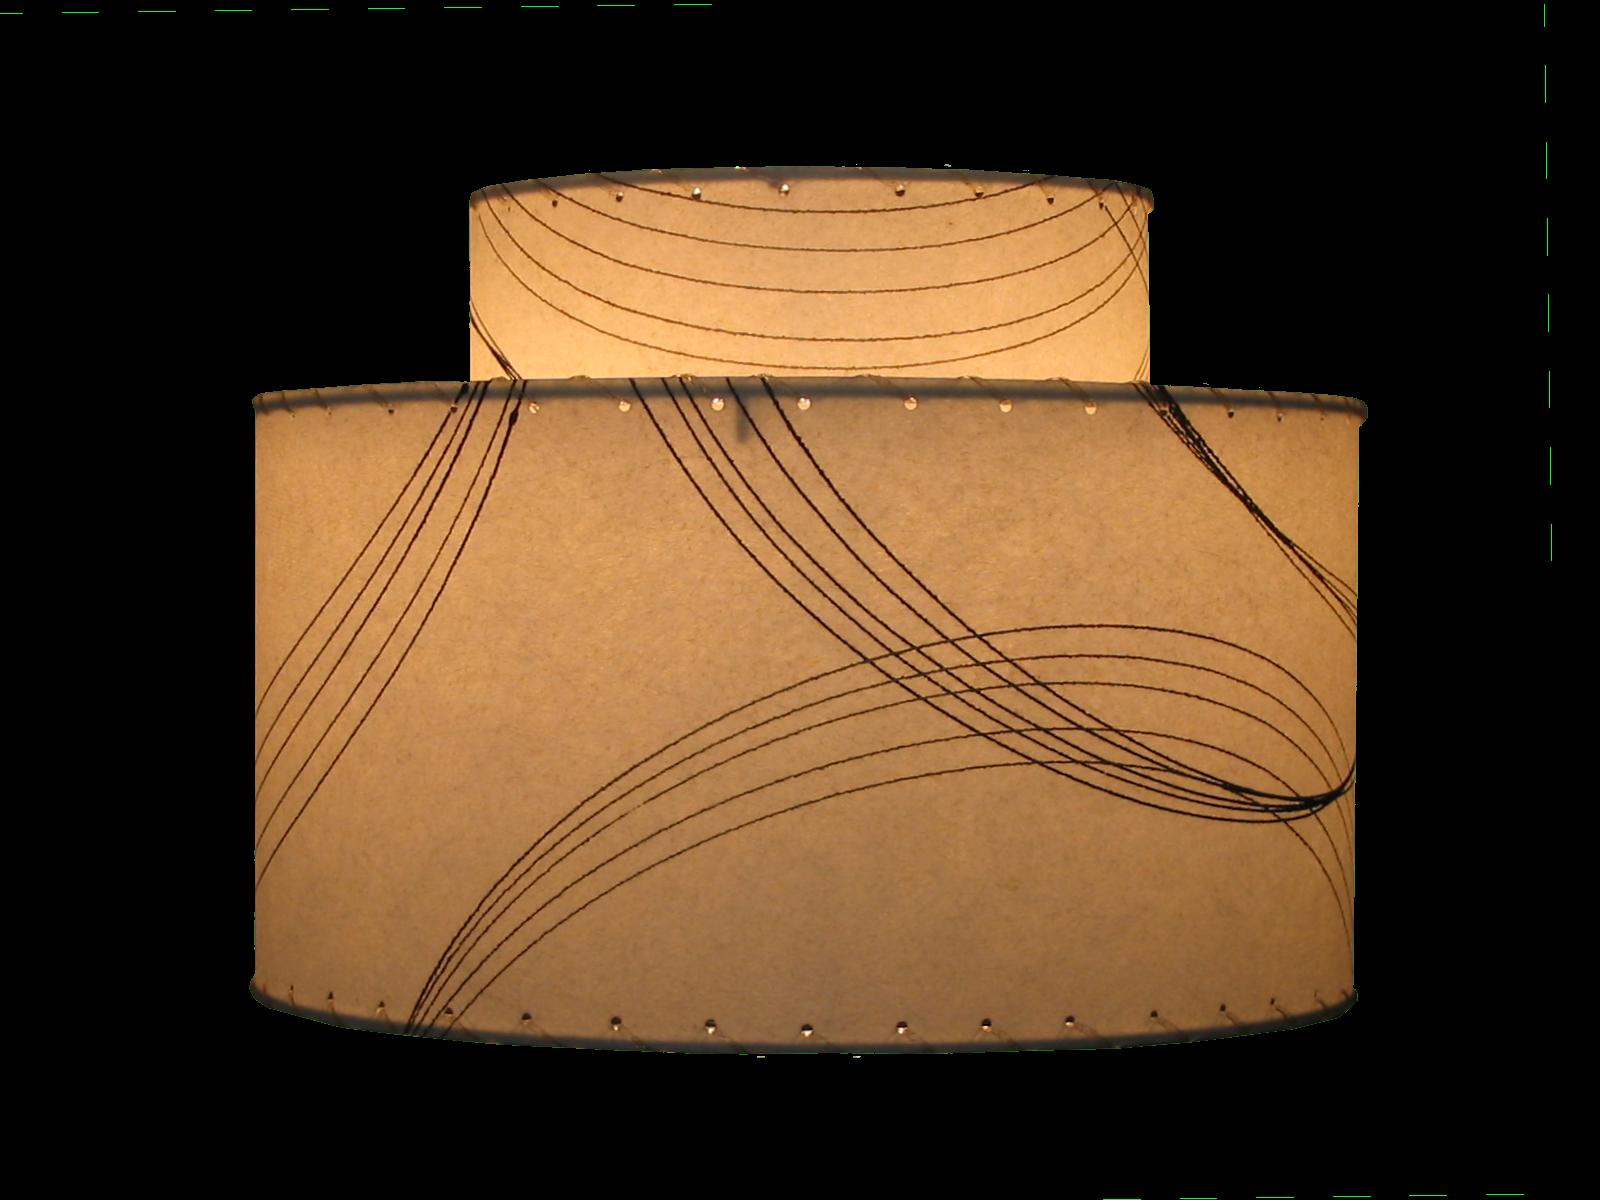 medium 2-tier shade lit